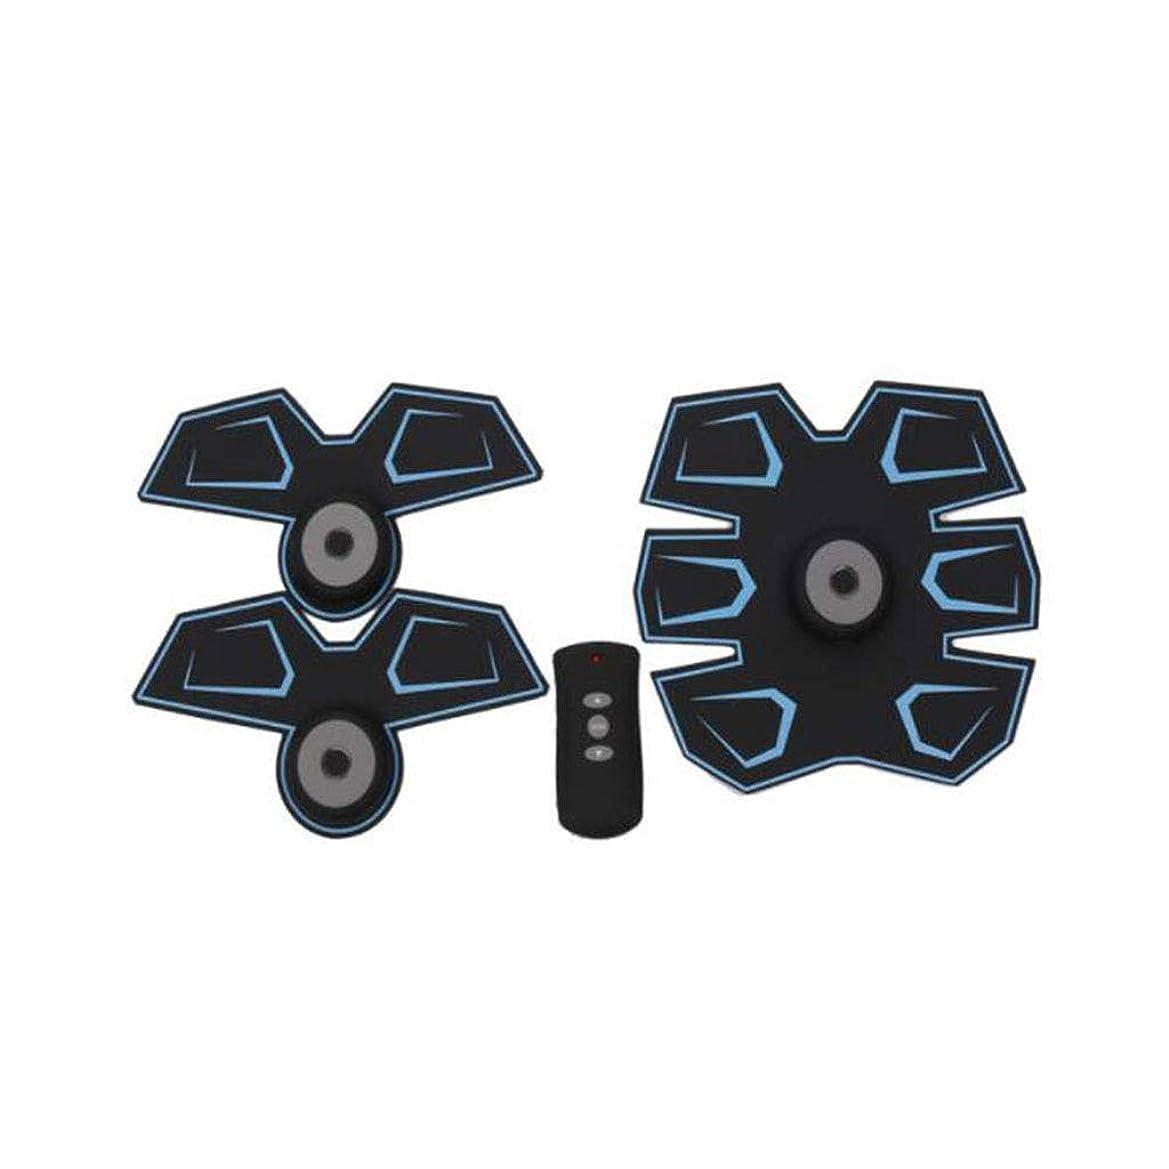 偽装する同等の氷GWM 腹部マッサージャー筋肉フィットネス装置、腹部電気刺激装置EMS腹部トレーナー、ワイヤレス電子フィットネスマッサージャーセット腹部腕脚ユニセックス(青)